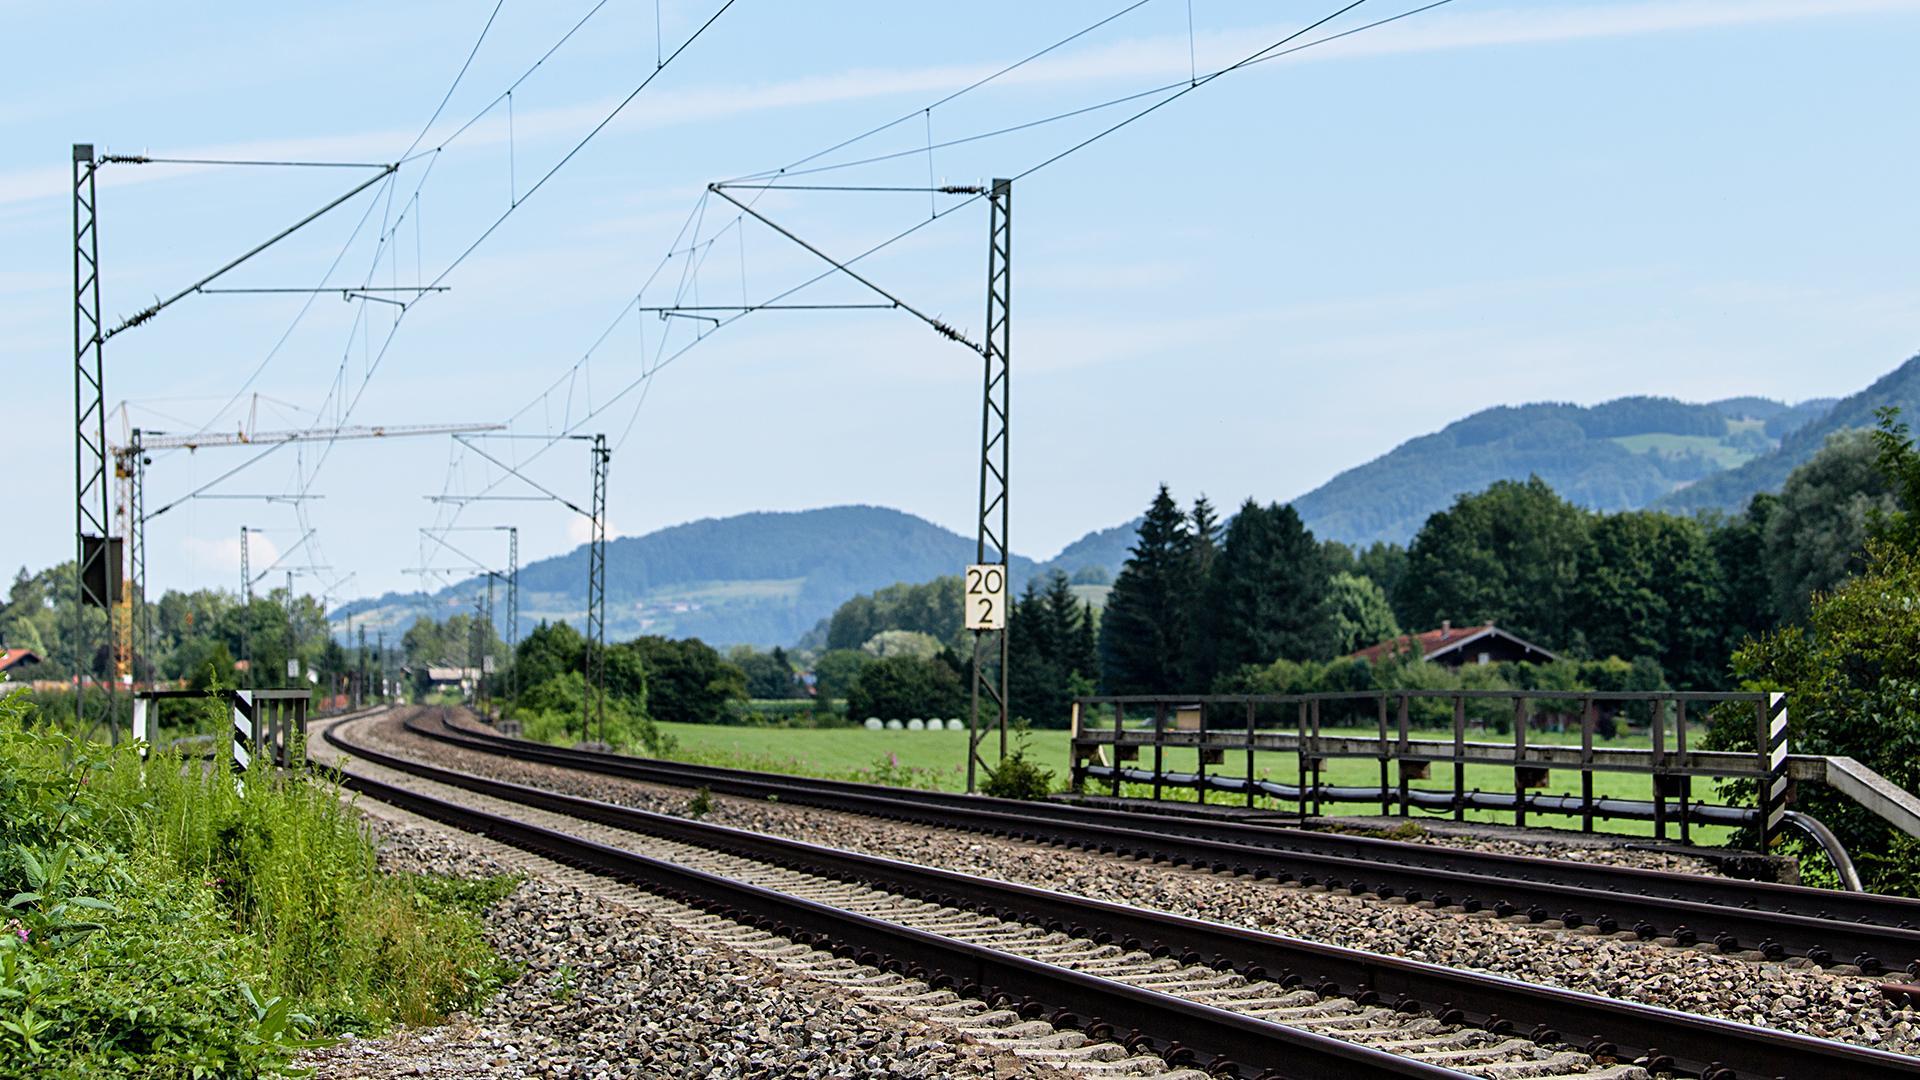 Bayern, Flintsbach am Inn: Die Gleise der Bahntrasse durch das Inntal zwischen Rosenheim und Kufstein sind vor dem Kloster Reisach in Oberaudorf zu sehen.